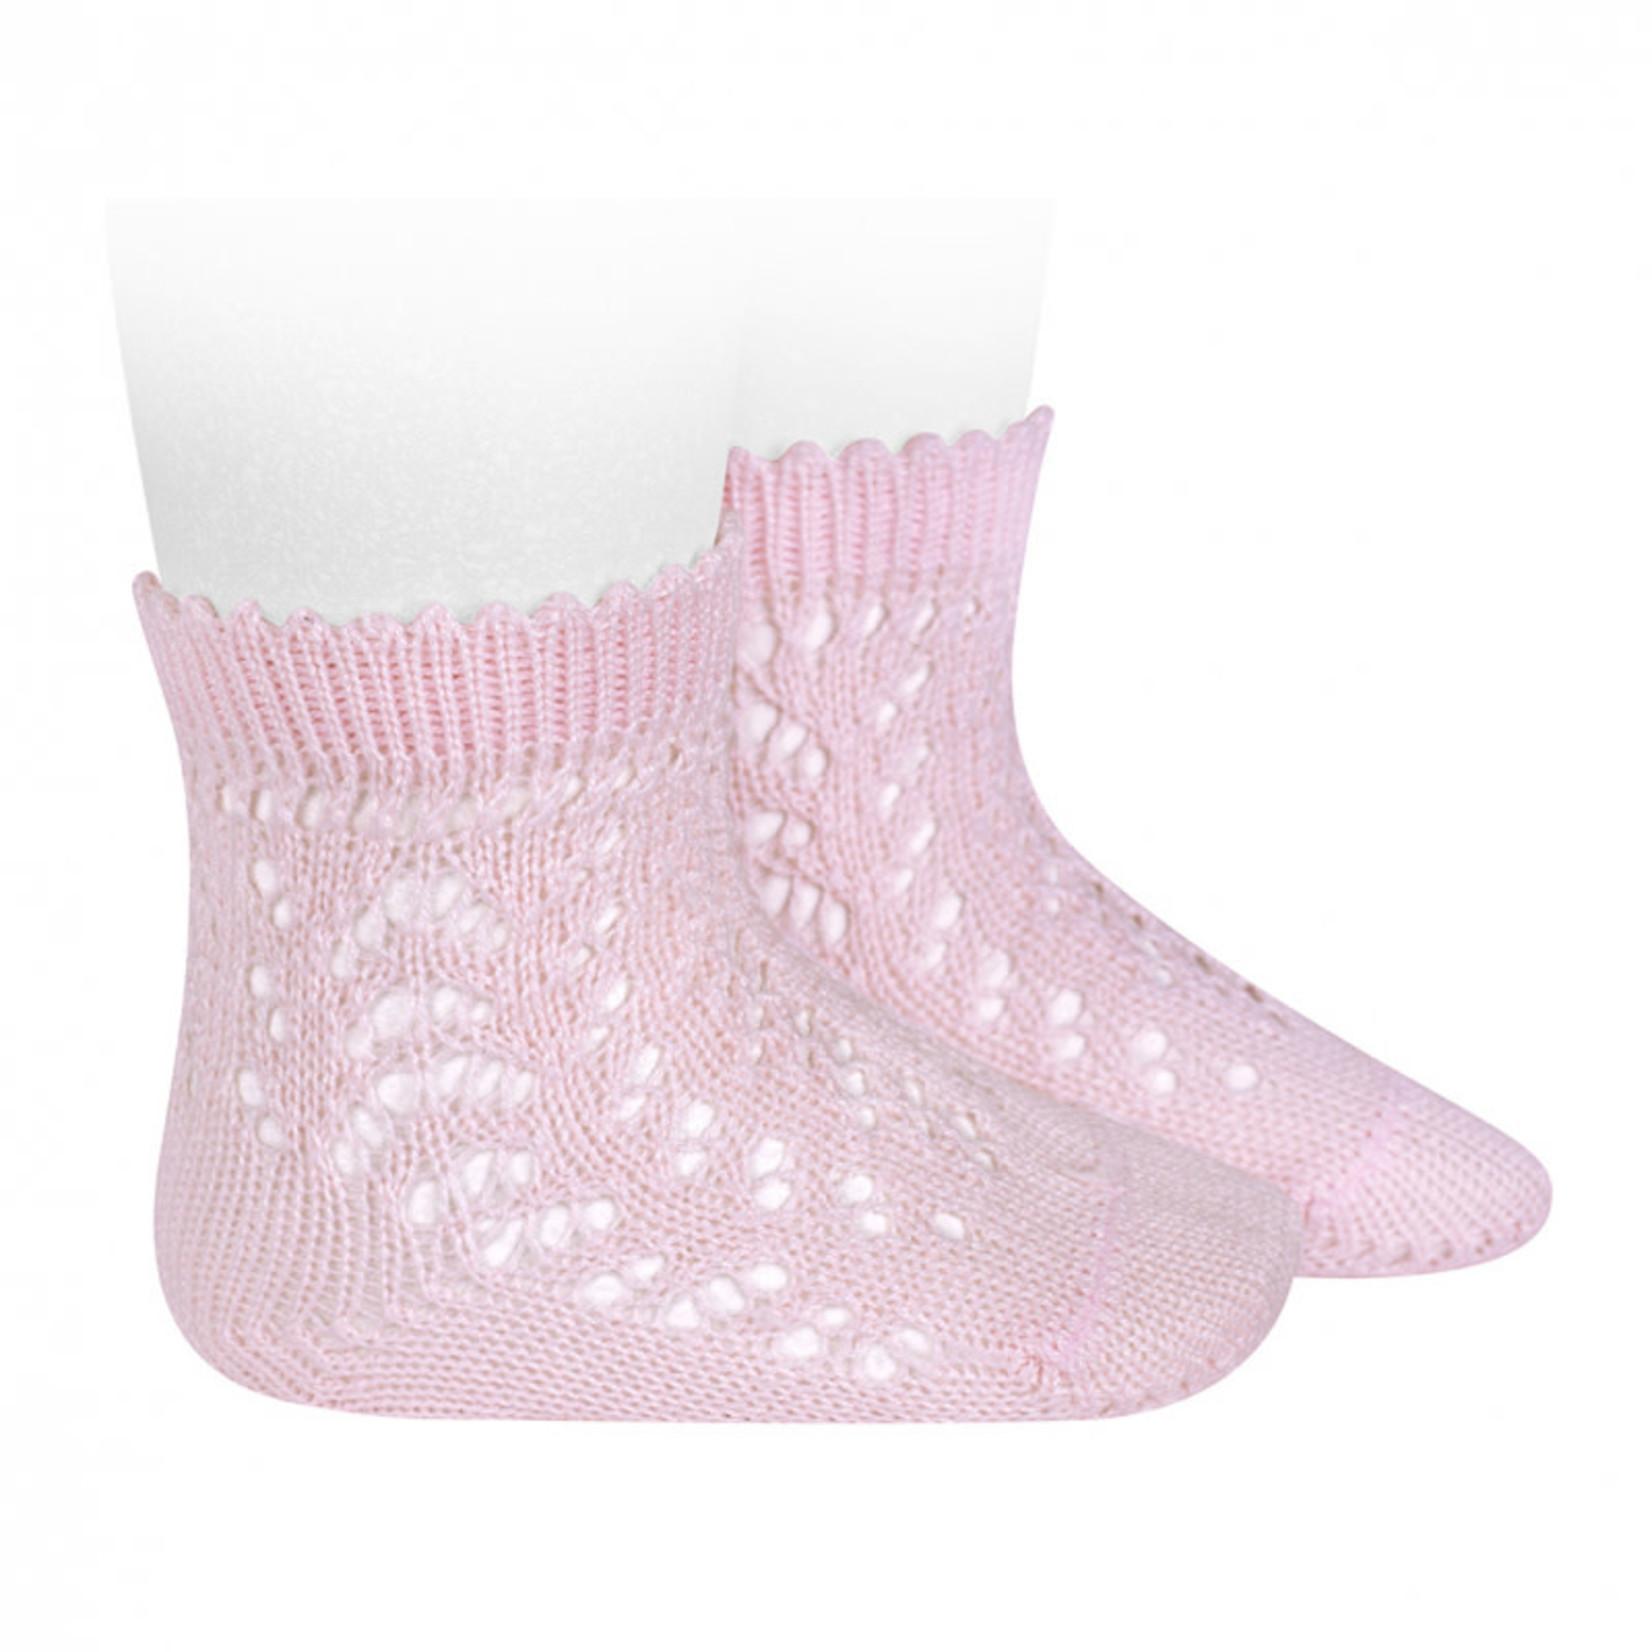 Condor Socks Open - Pink